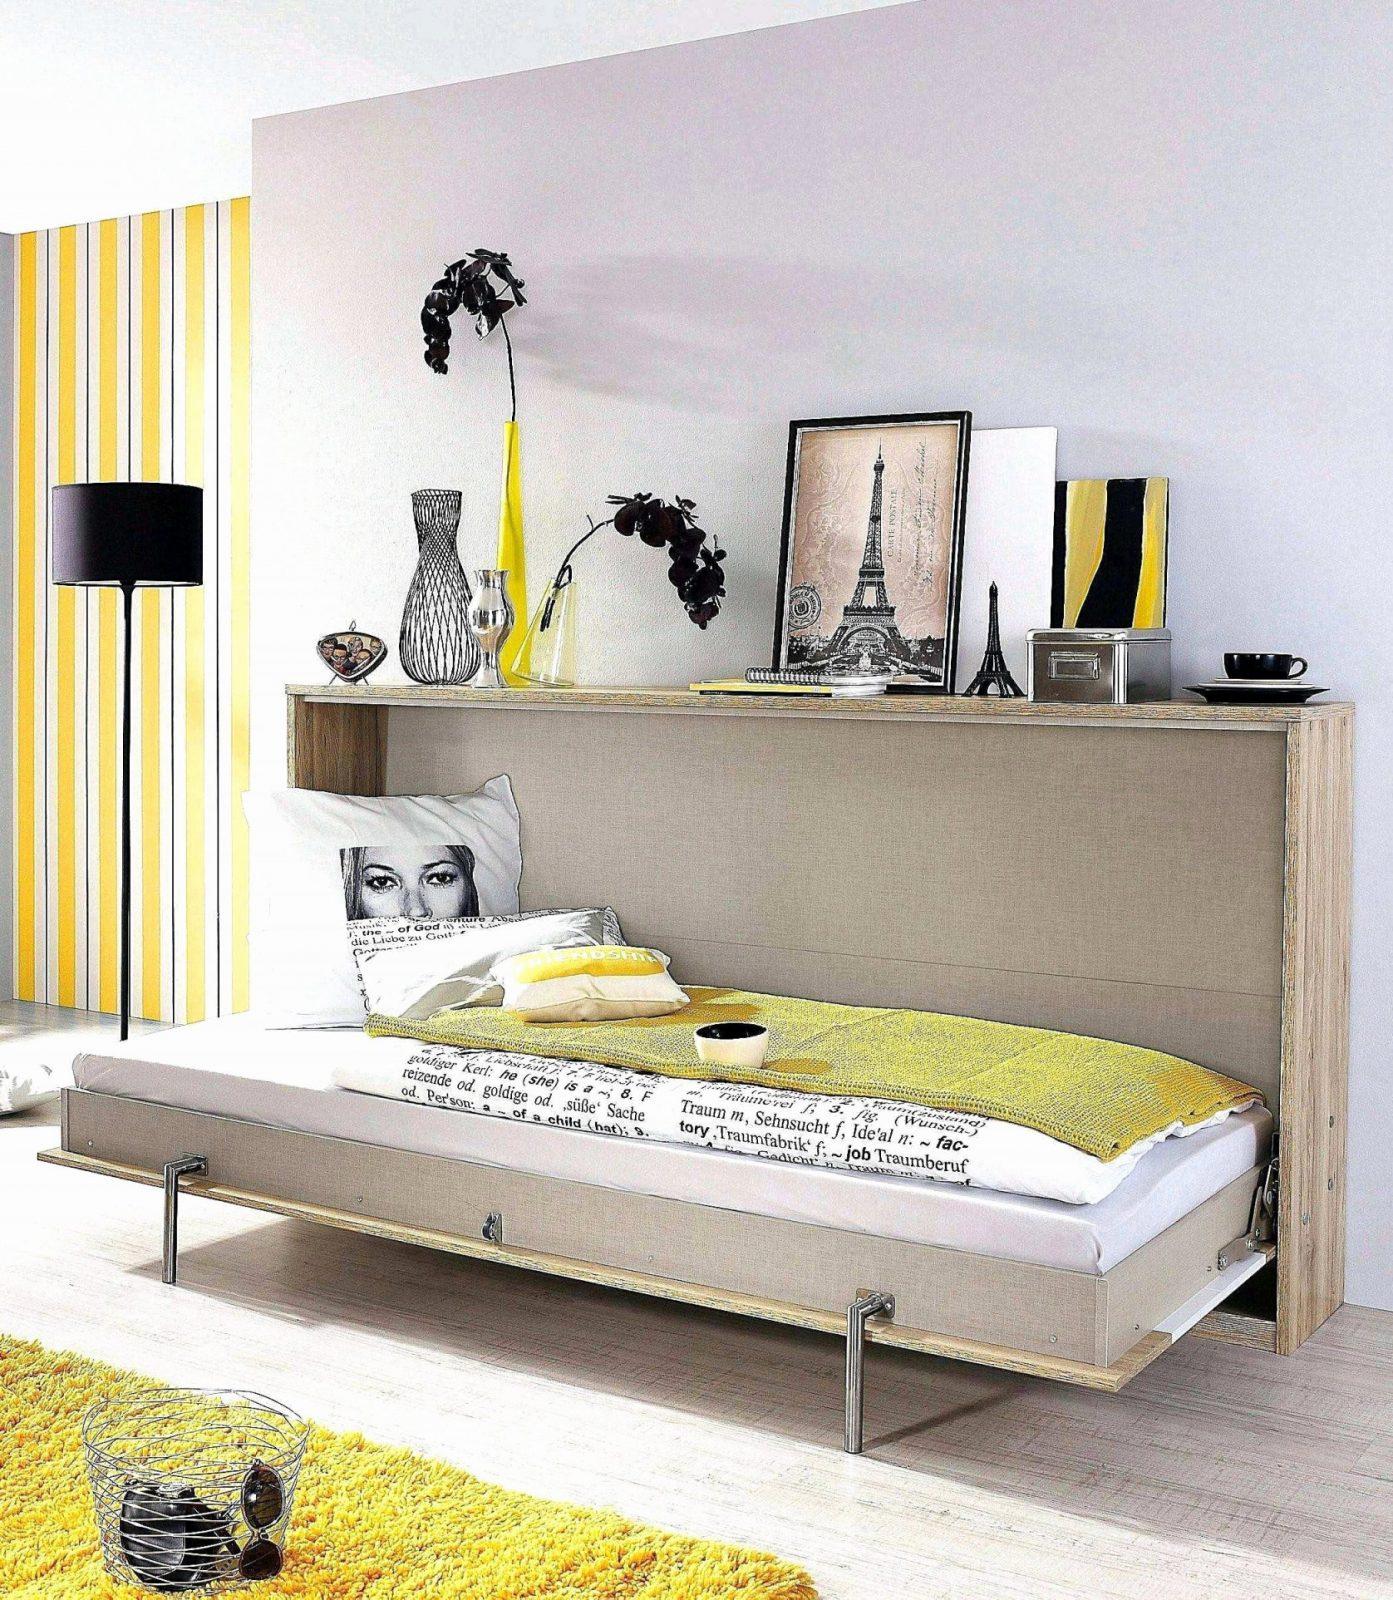 51 Wunderschönen Kleines Kinderzimmer Einrichten Bilder  Farben Für von Kleine Kinderzimmer Optimal Einrichten Photo